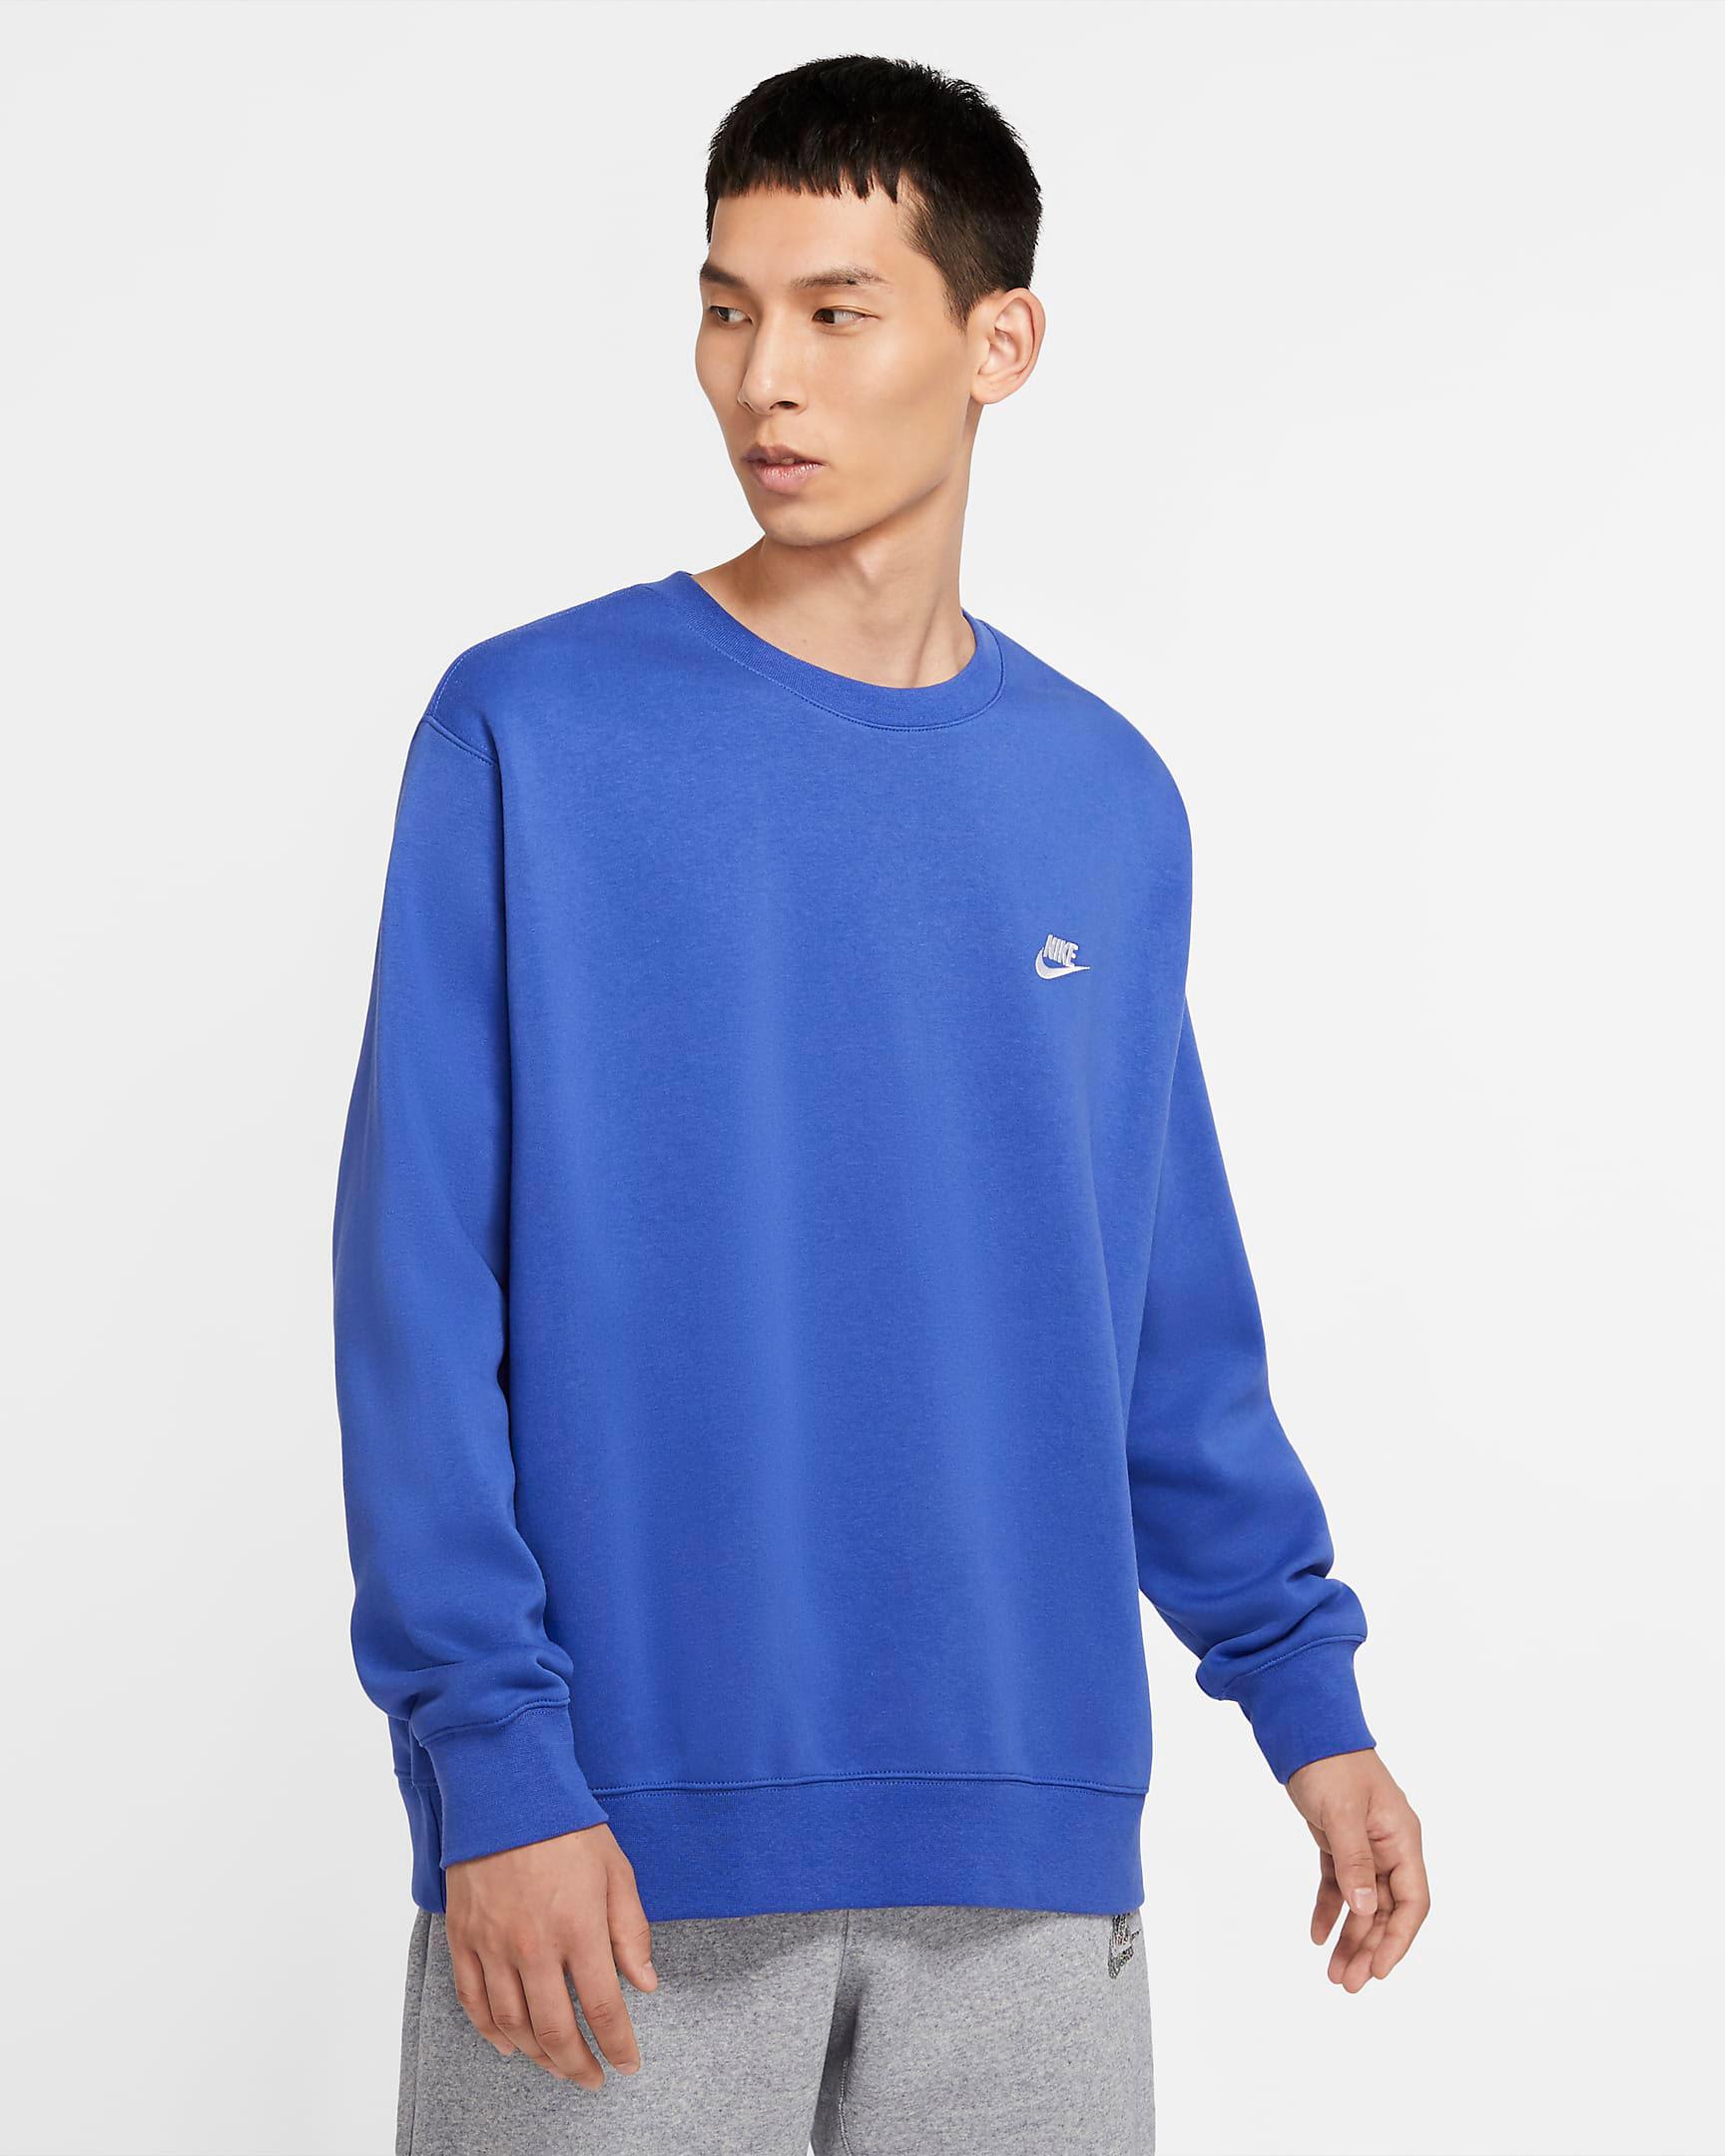 nike-foamposite-one-96-all-star-sweatshirt-match